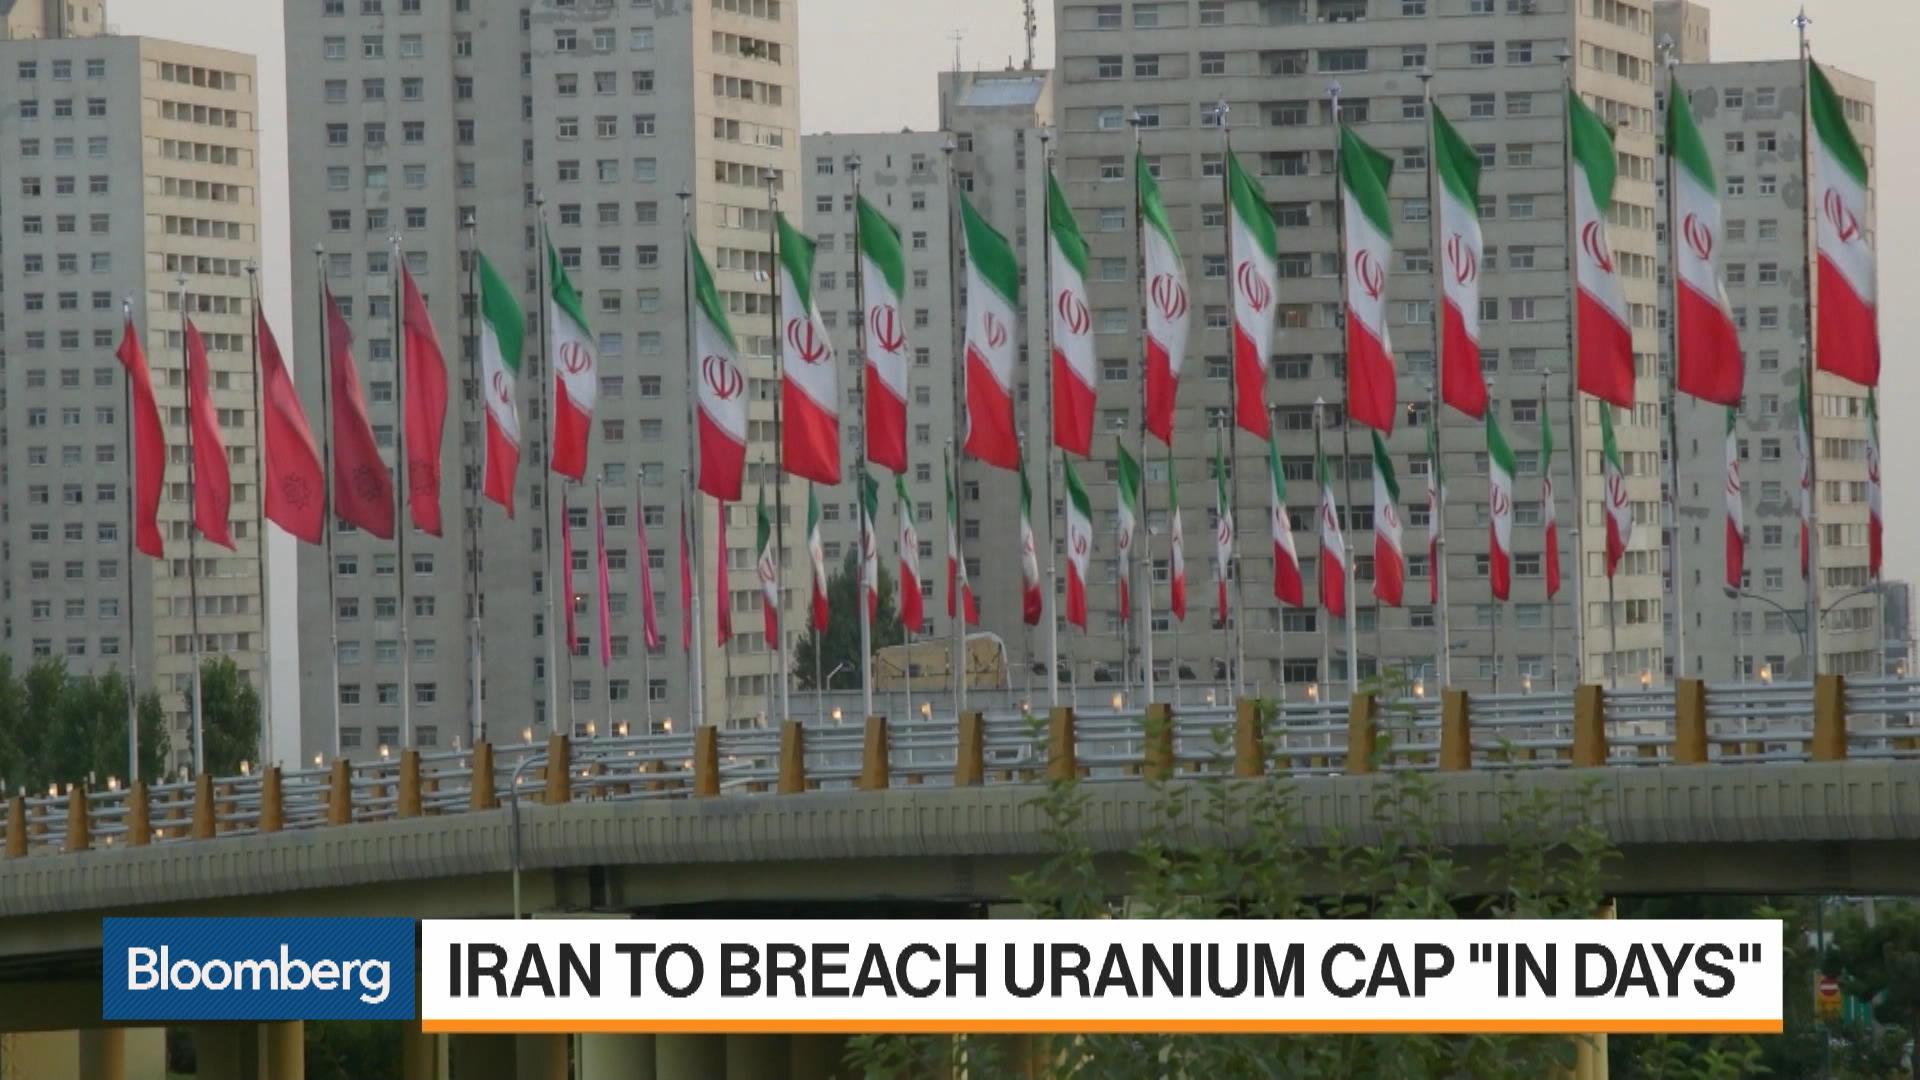 Iran to Breach Uranium Cap 'in Days'